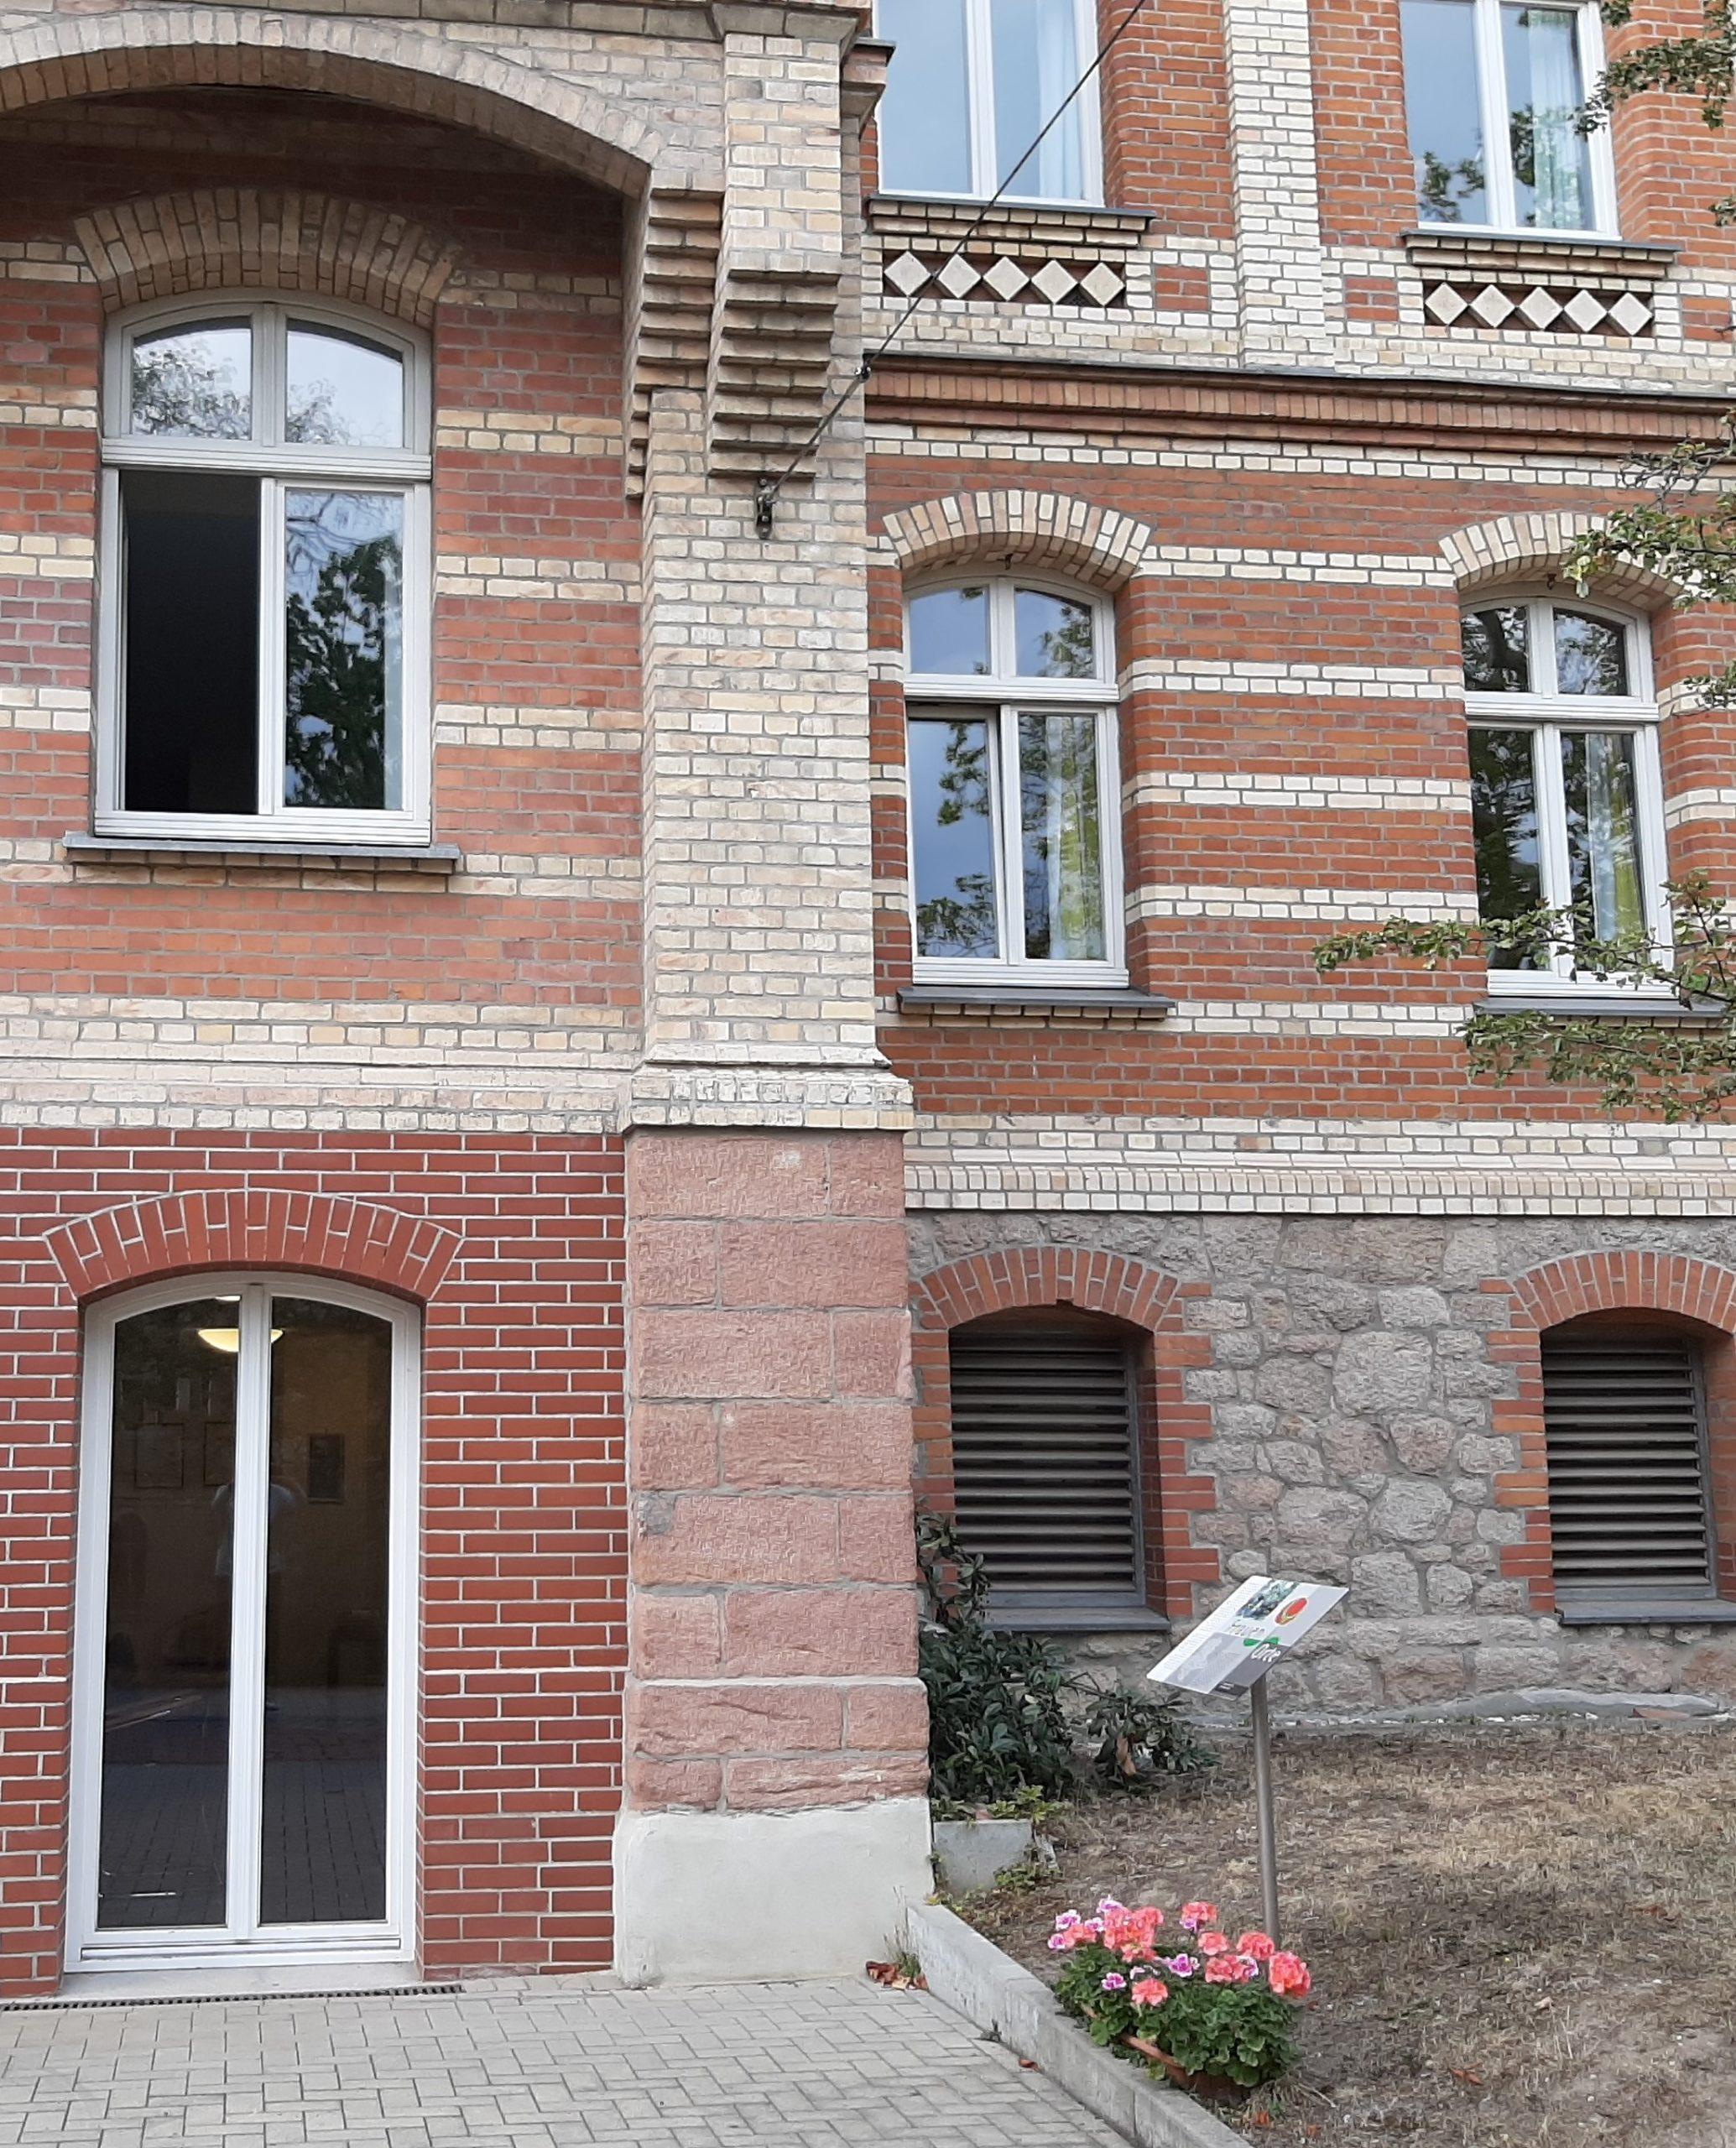 Halle FrauenOrt Diakonissen-Mutterhaus Klinikhaupteingang Mühlweg7